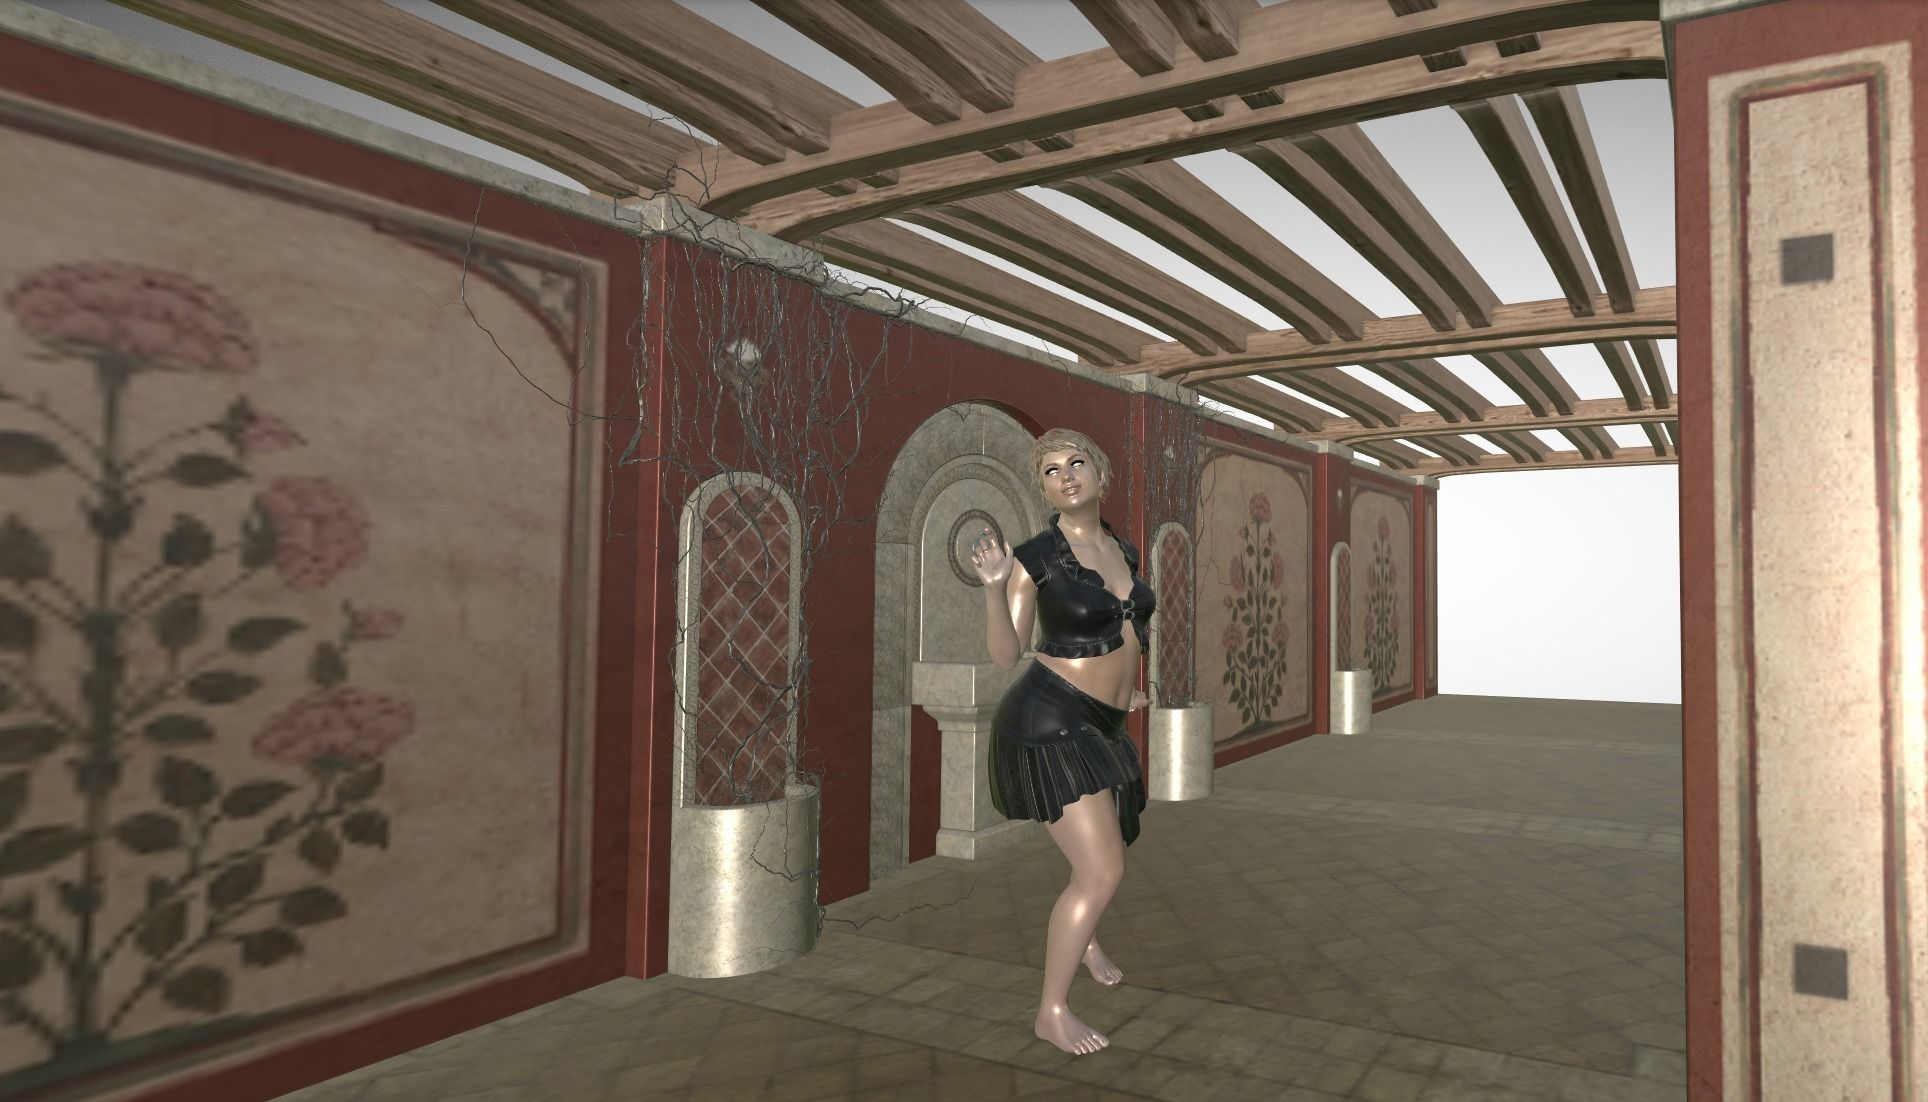 Barefoot Dancer - from DAZ 3D tutorial daz-3d | CGTrader